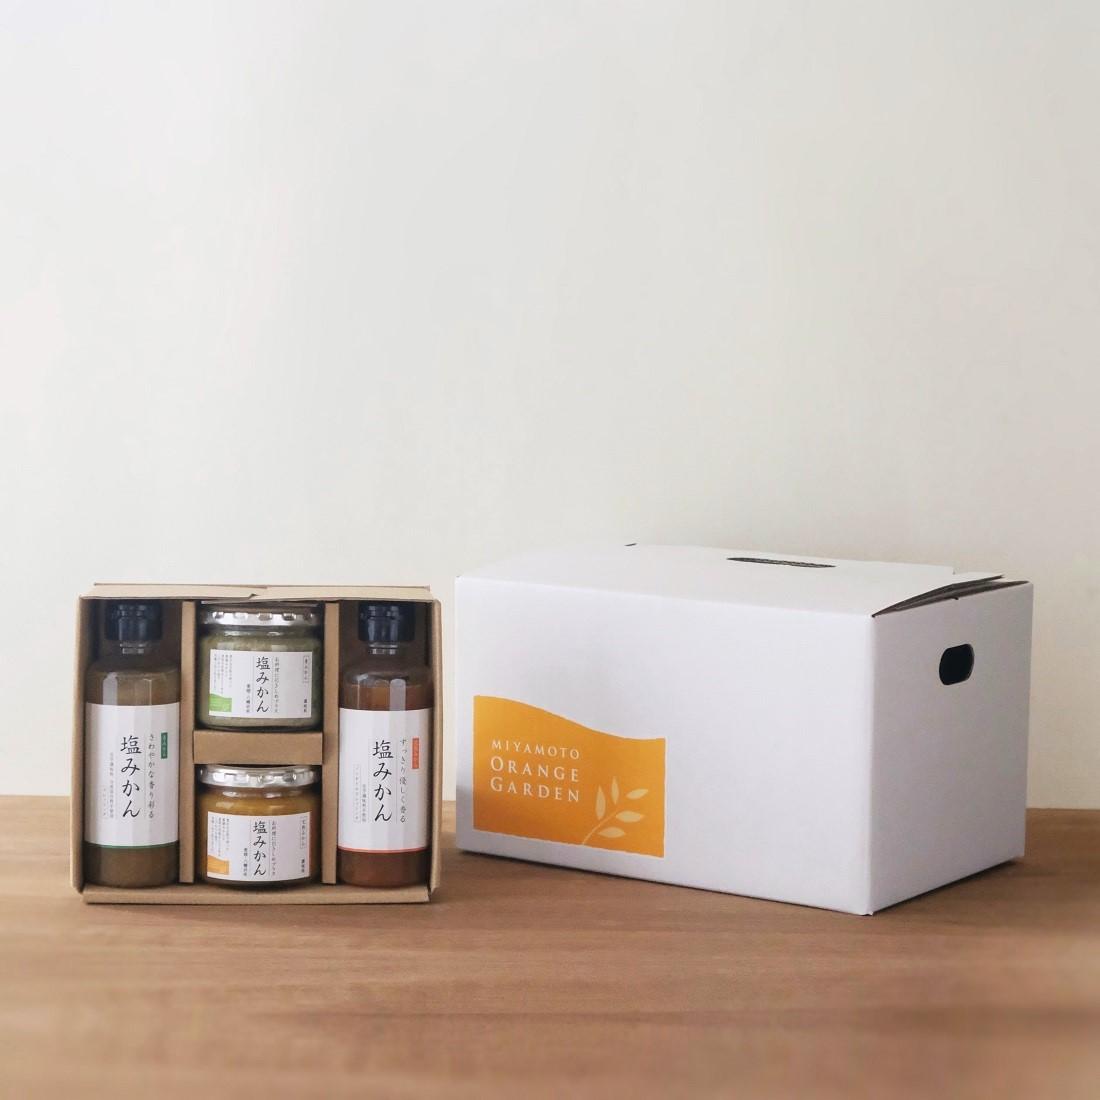 スーパーセール 愛媛の新しい調味料 塩みかん 交換無料 ギフトセット 人気の定番 ドレッシング 敬老の日 4種おまとめセット